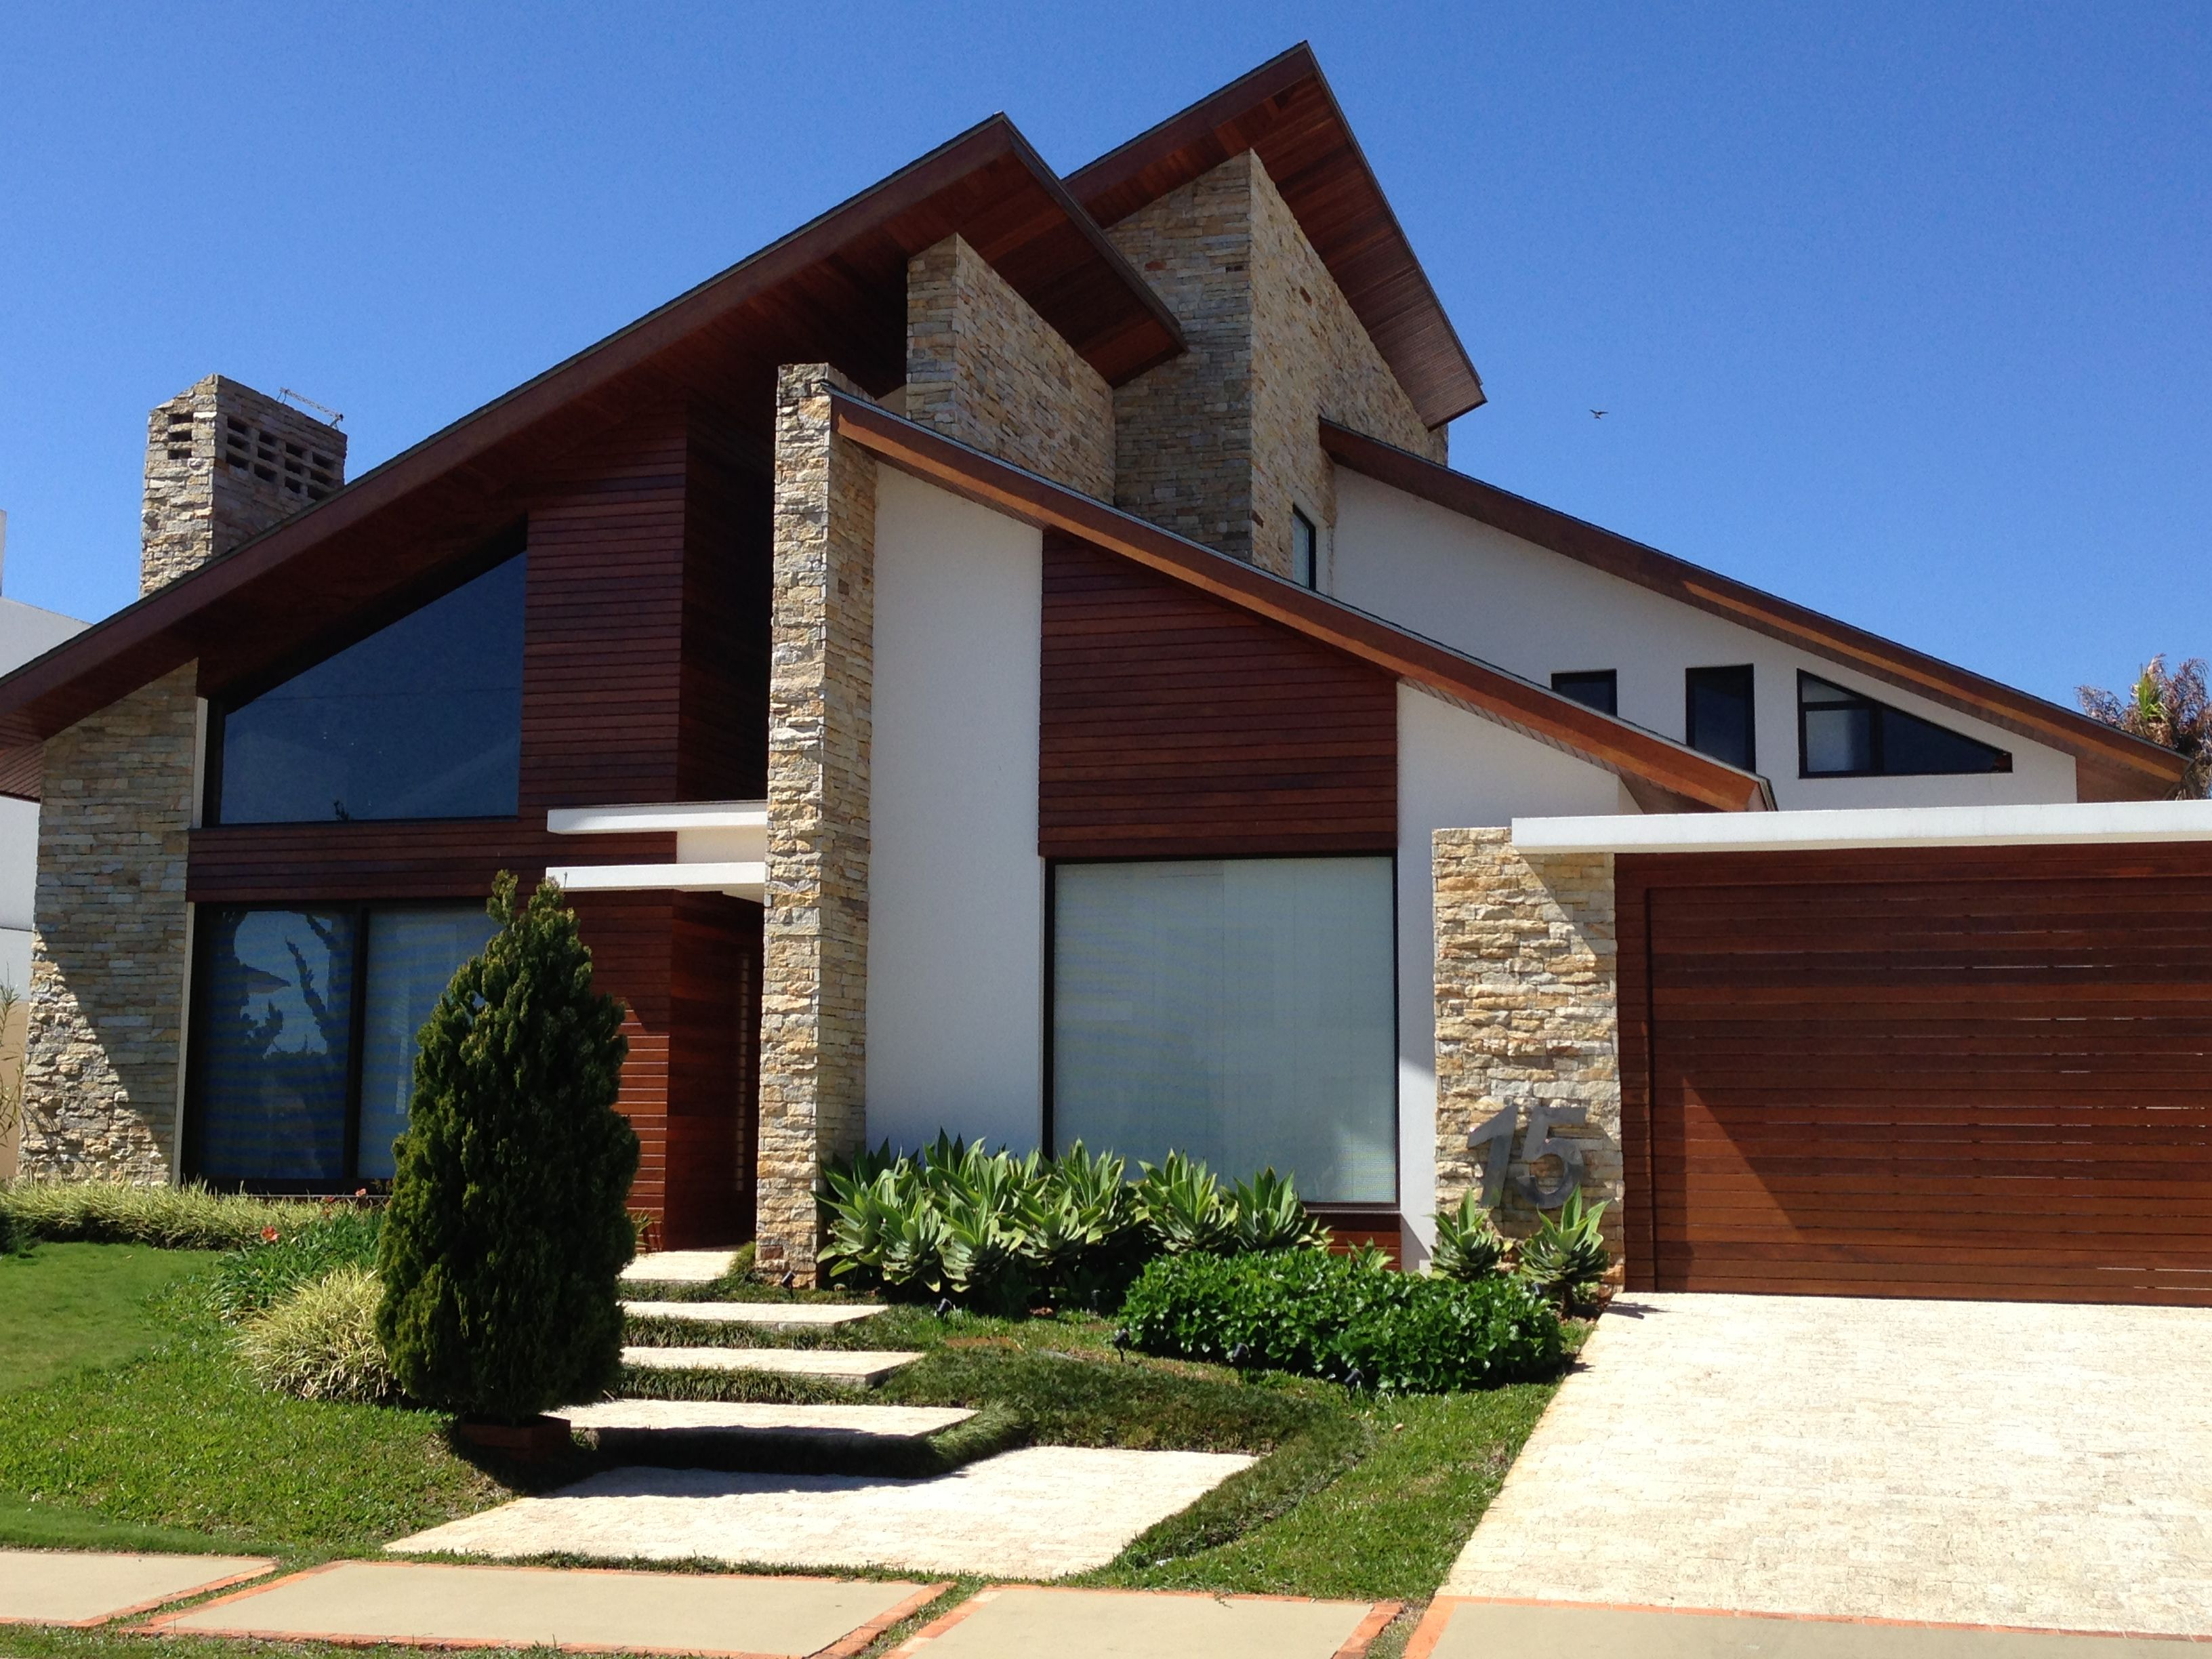 Fachadas de casas rusticas modernas pesquisa google for Arquitectura moderna casas pequenas